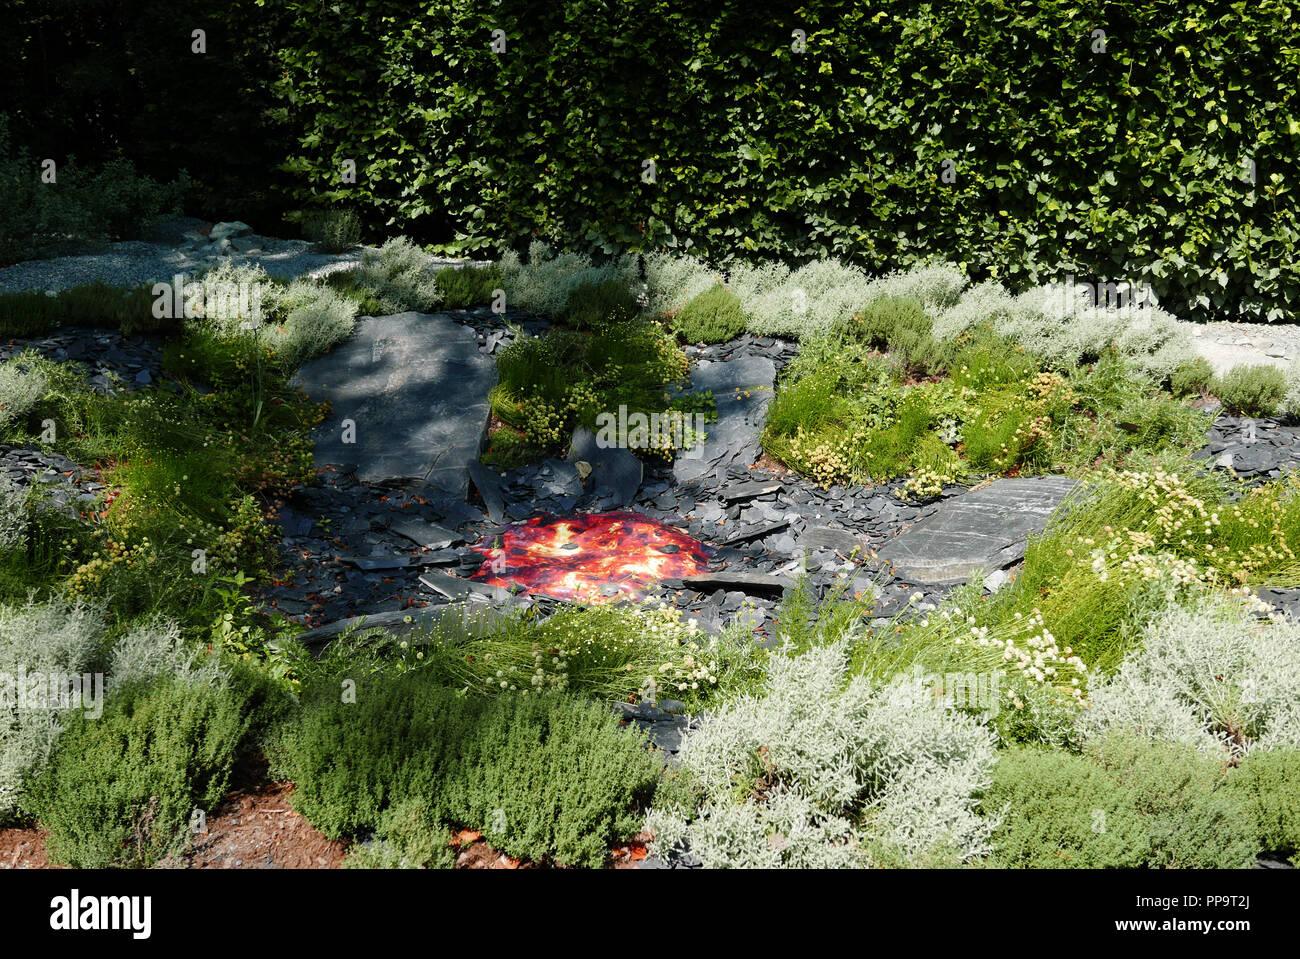 International Garden Festival, Domain of Chaumont-sur-Loire, Centre for arts and nature, Loire valley, Un Promenoir Infini, Loir-et-Cher, Touraine, Fr Stock Photo